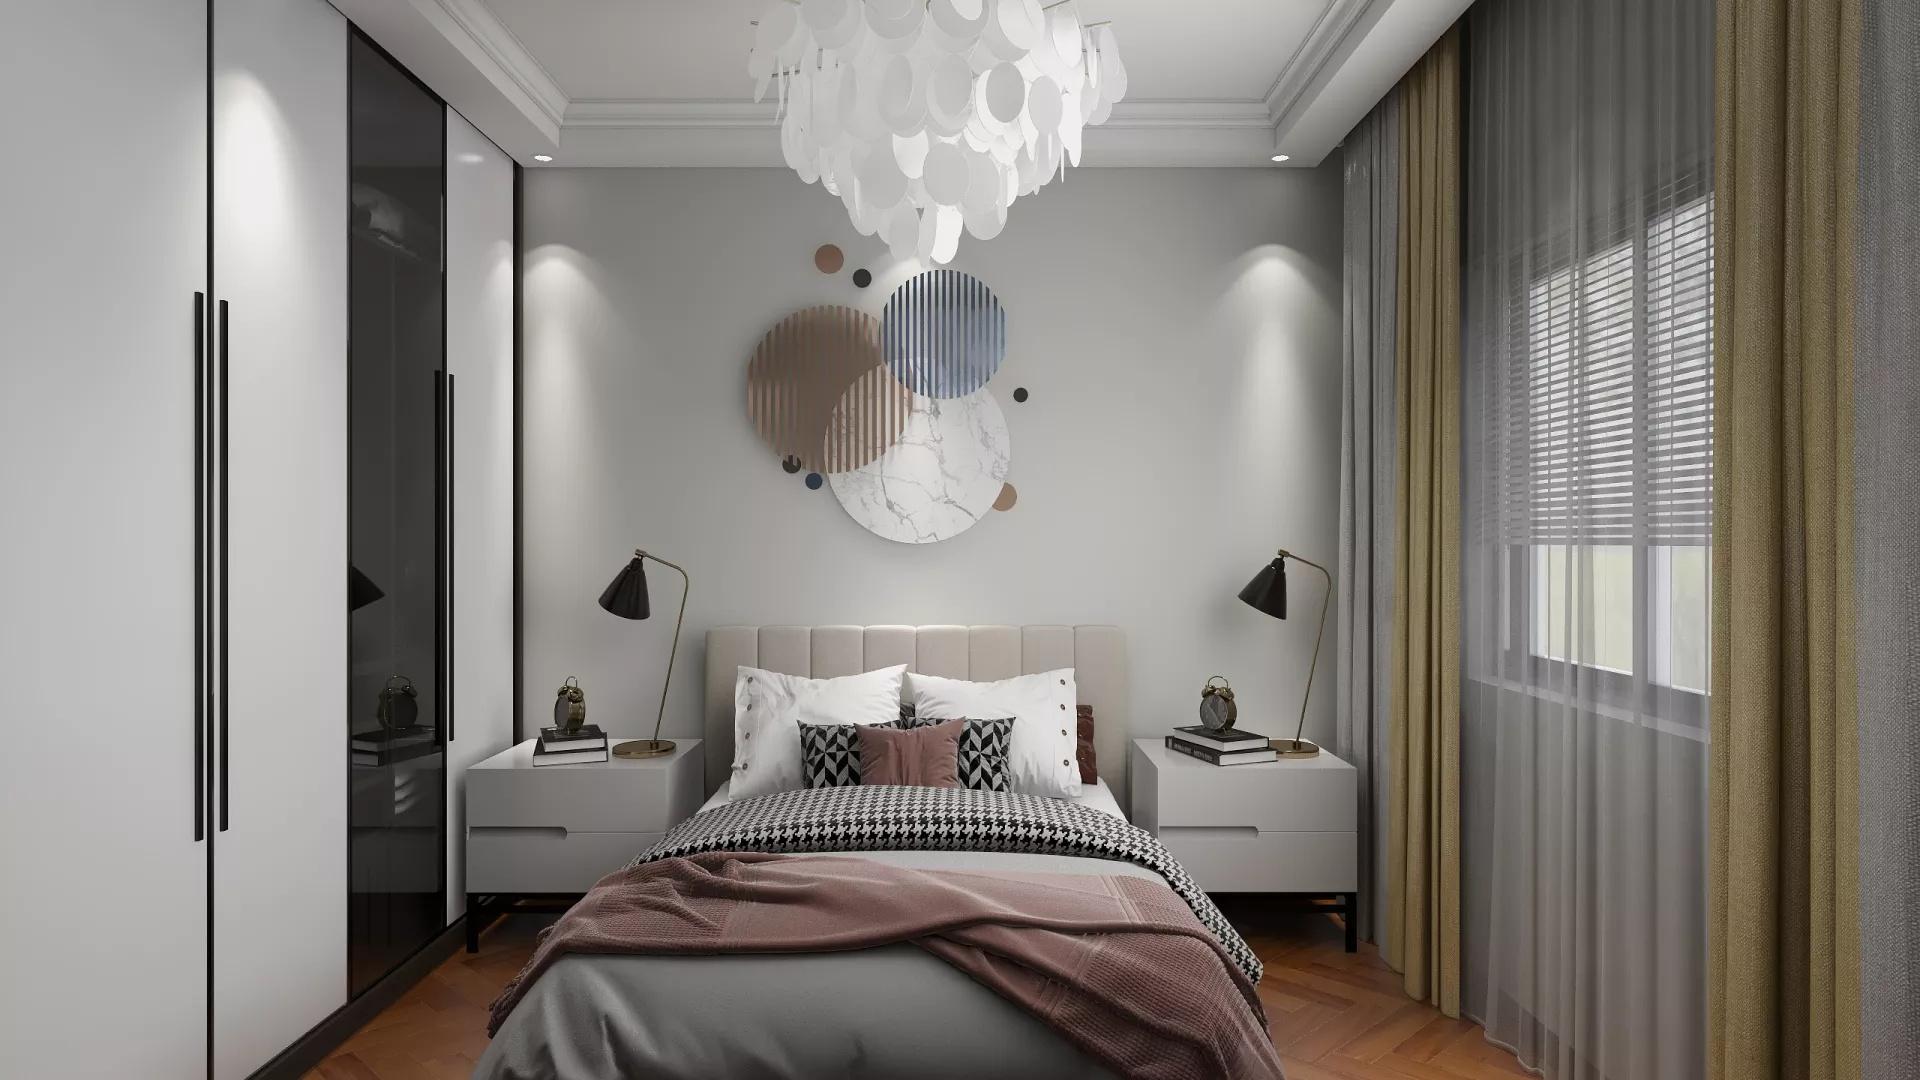 家居裝飾品注意事項 家居裝飾設計注意事項